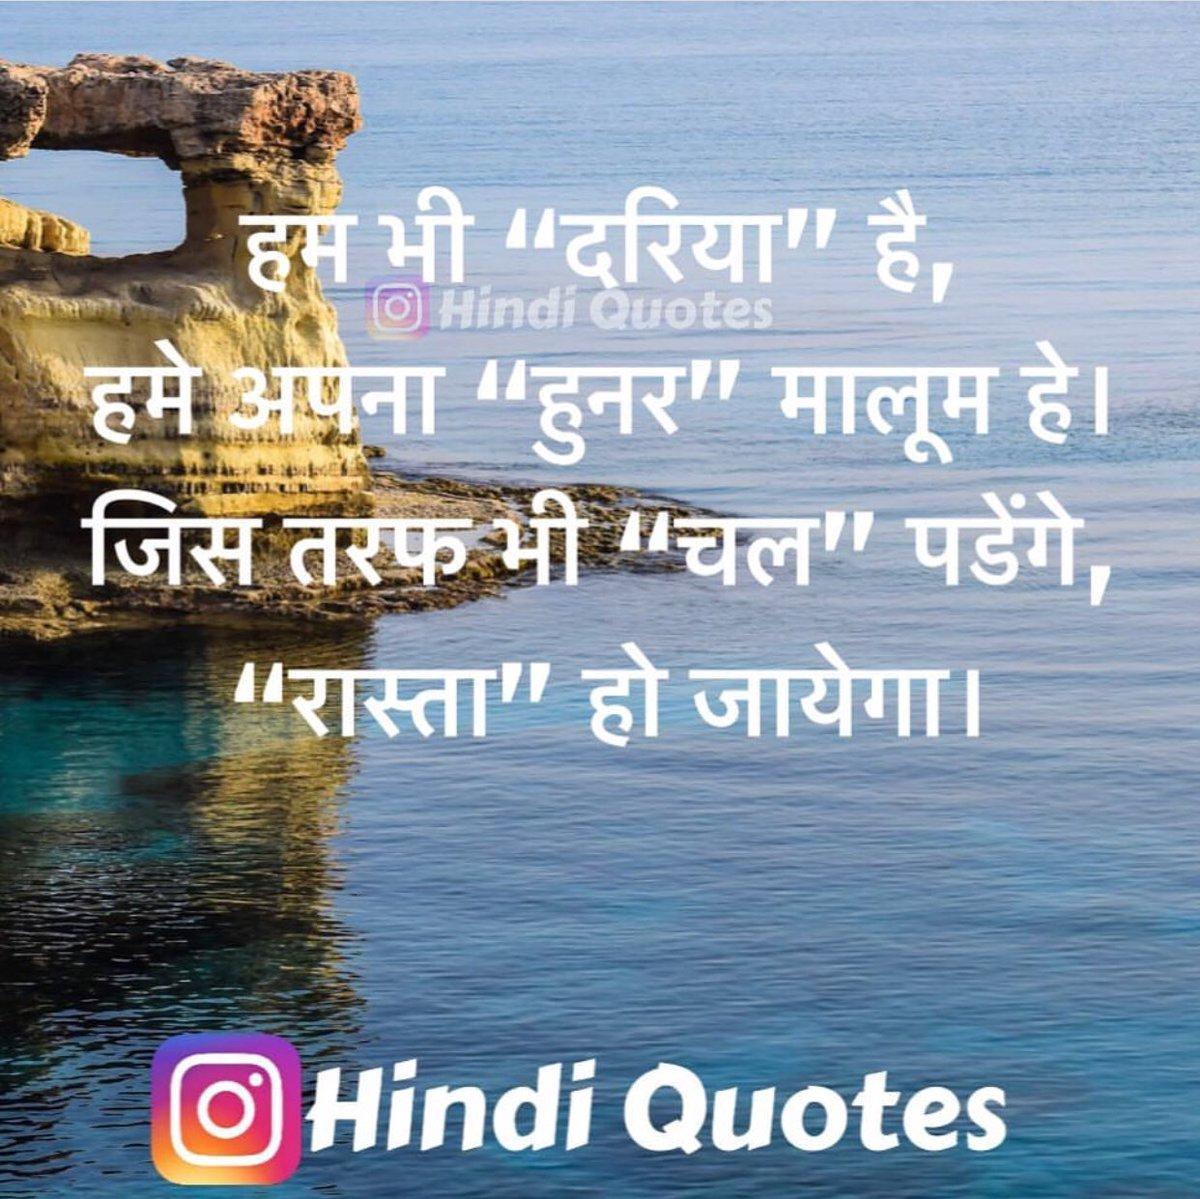 Hindi Quotes Hindi Quotes Twitter